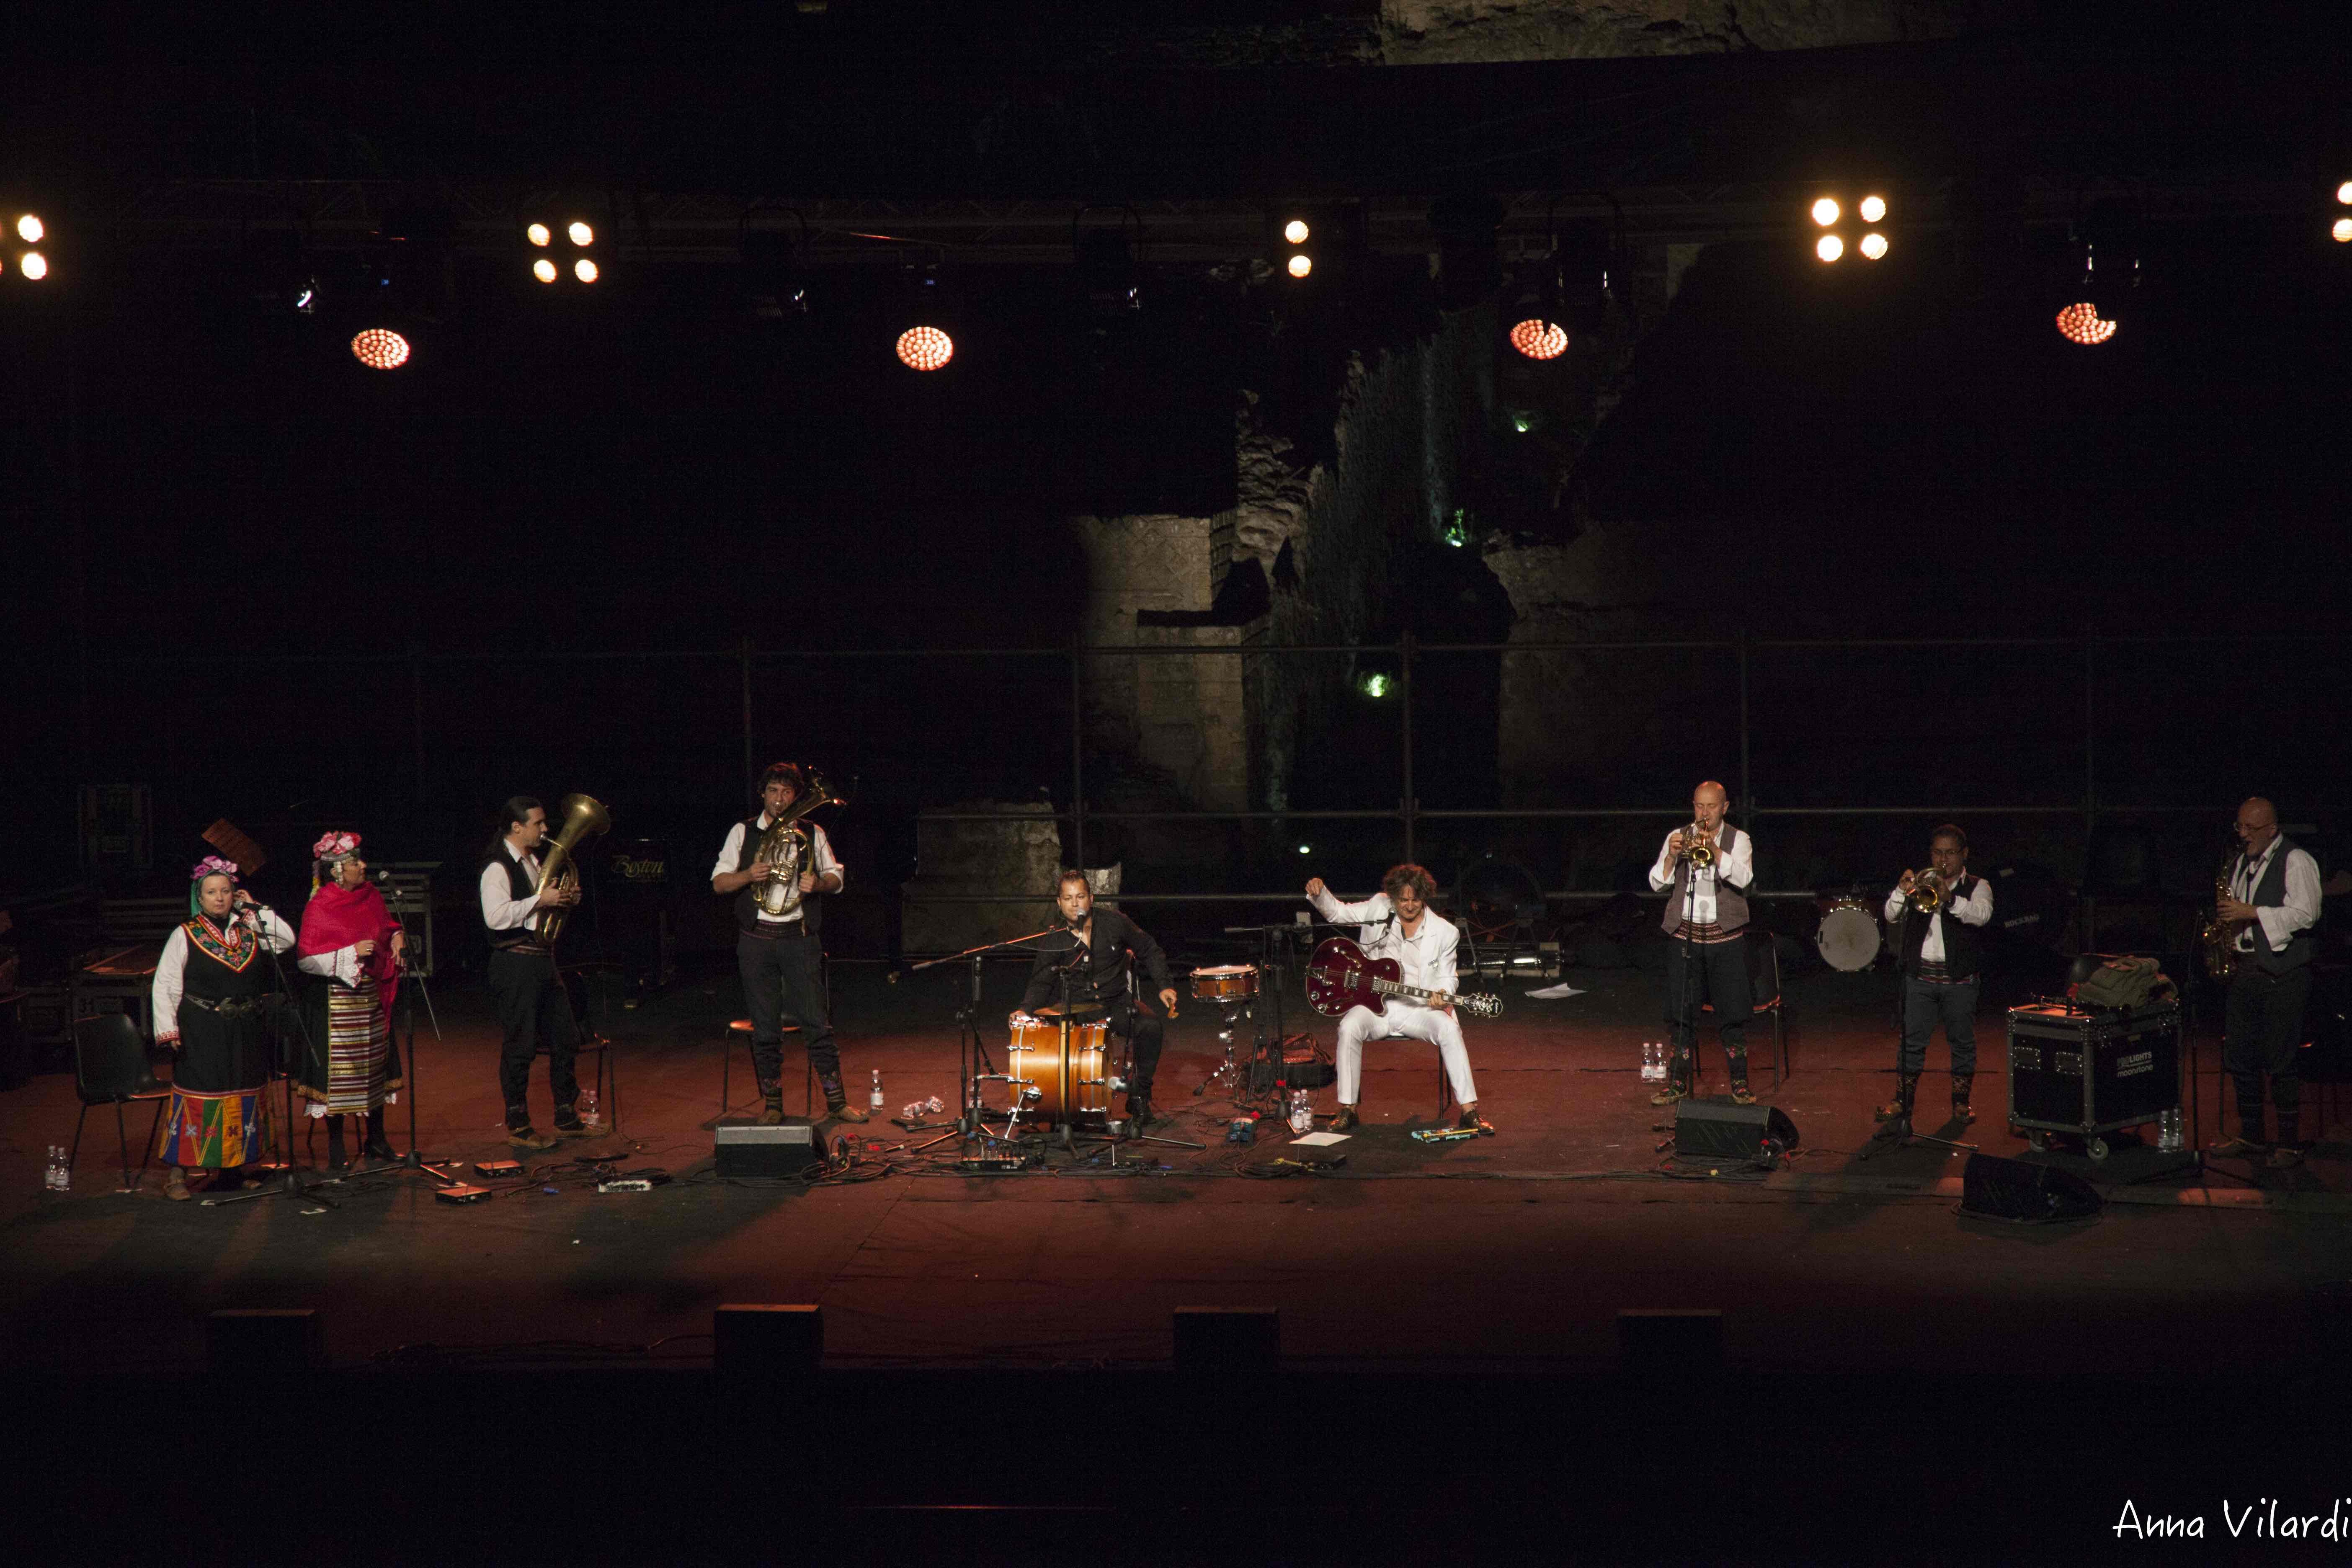 Goran Bregovic @ Pomigliano Jazz in Campania ph Anna Vilardi